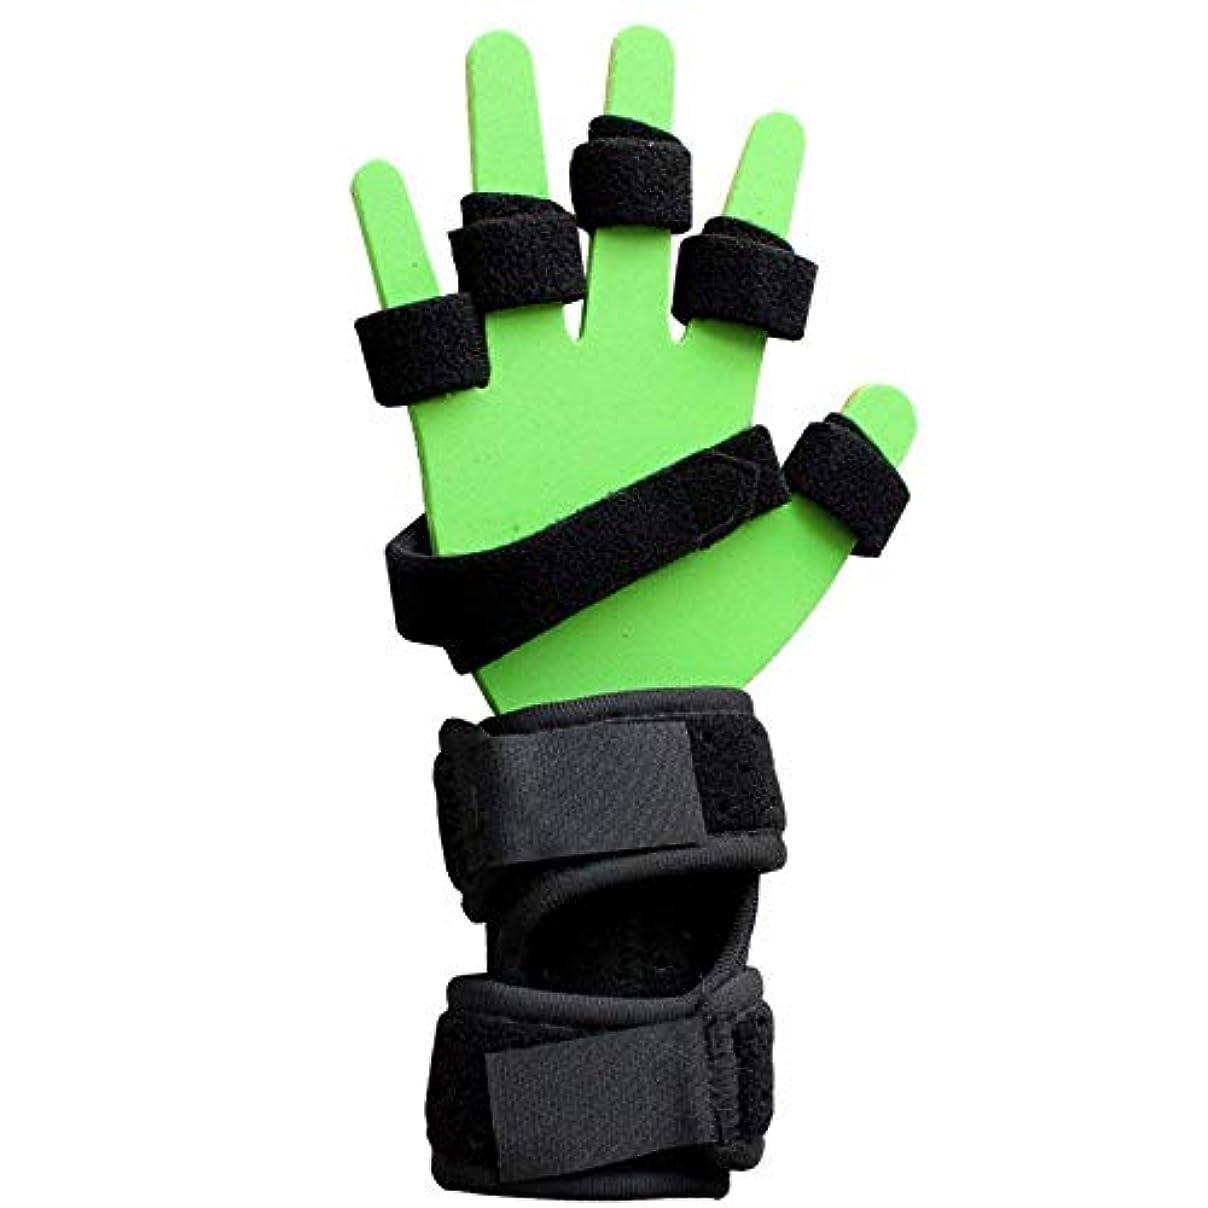 銅締める指紋指損傷サポート、指板トレーニング指固定プレート、片麻痺用指装具プラスチックアルミニウムプレート,RightHand-M